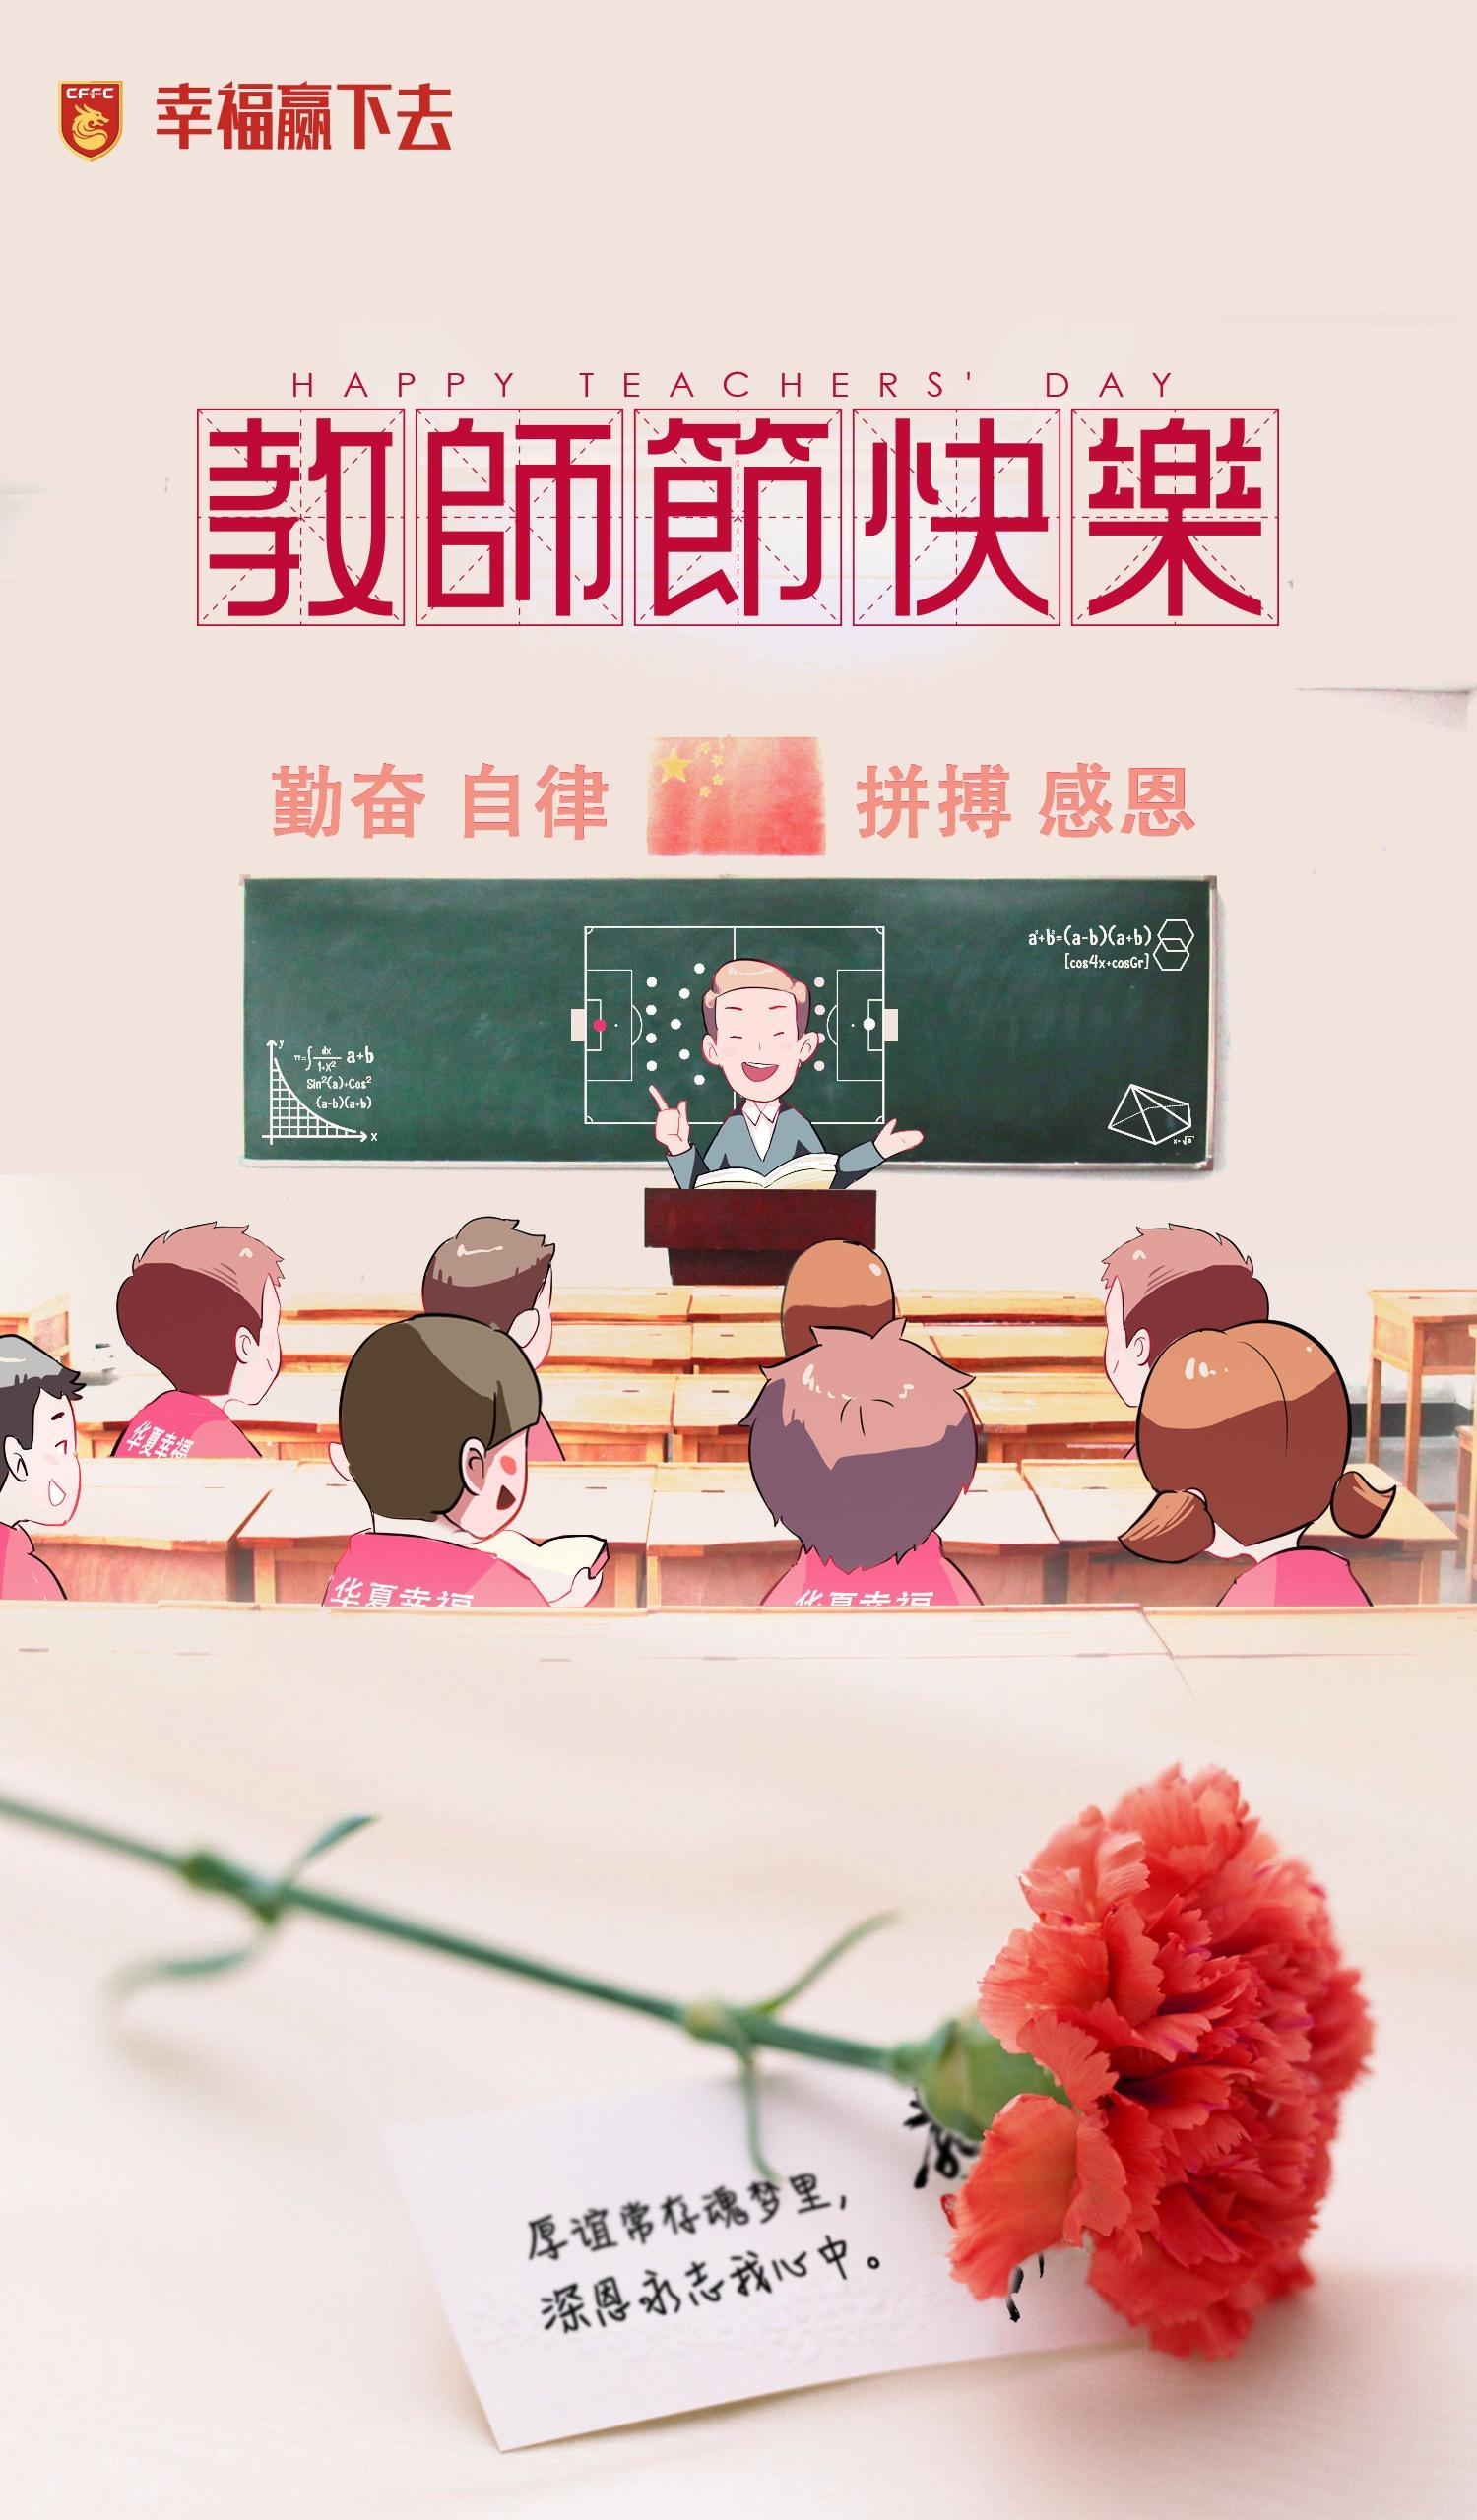 谆谆教诲,难忘师恩。河北华夏幸福足球俱乐部祝所有...